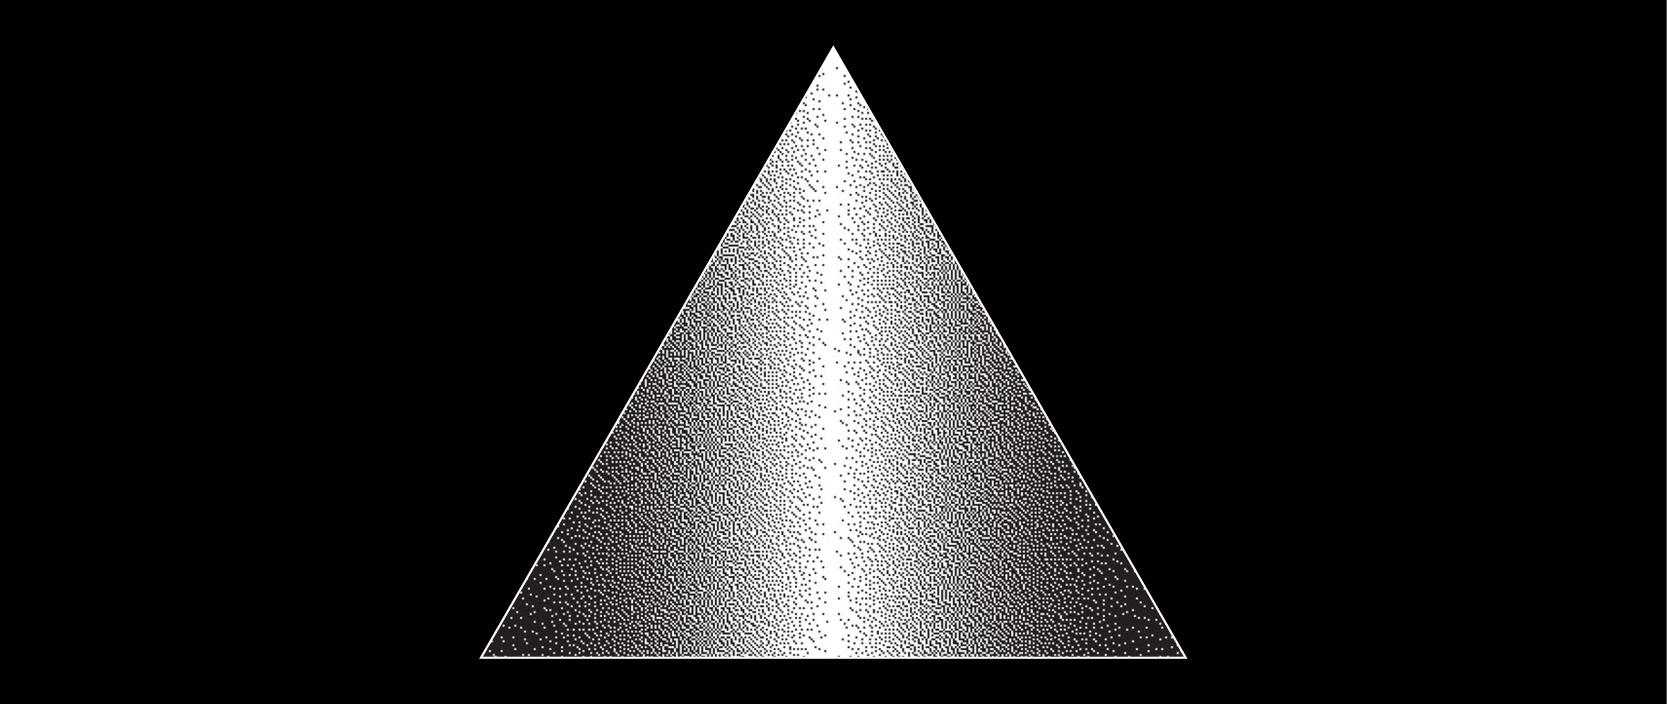 NA-triangles3.jpg